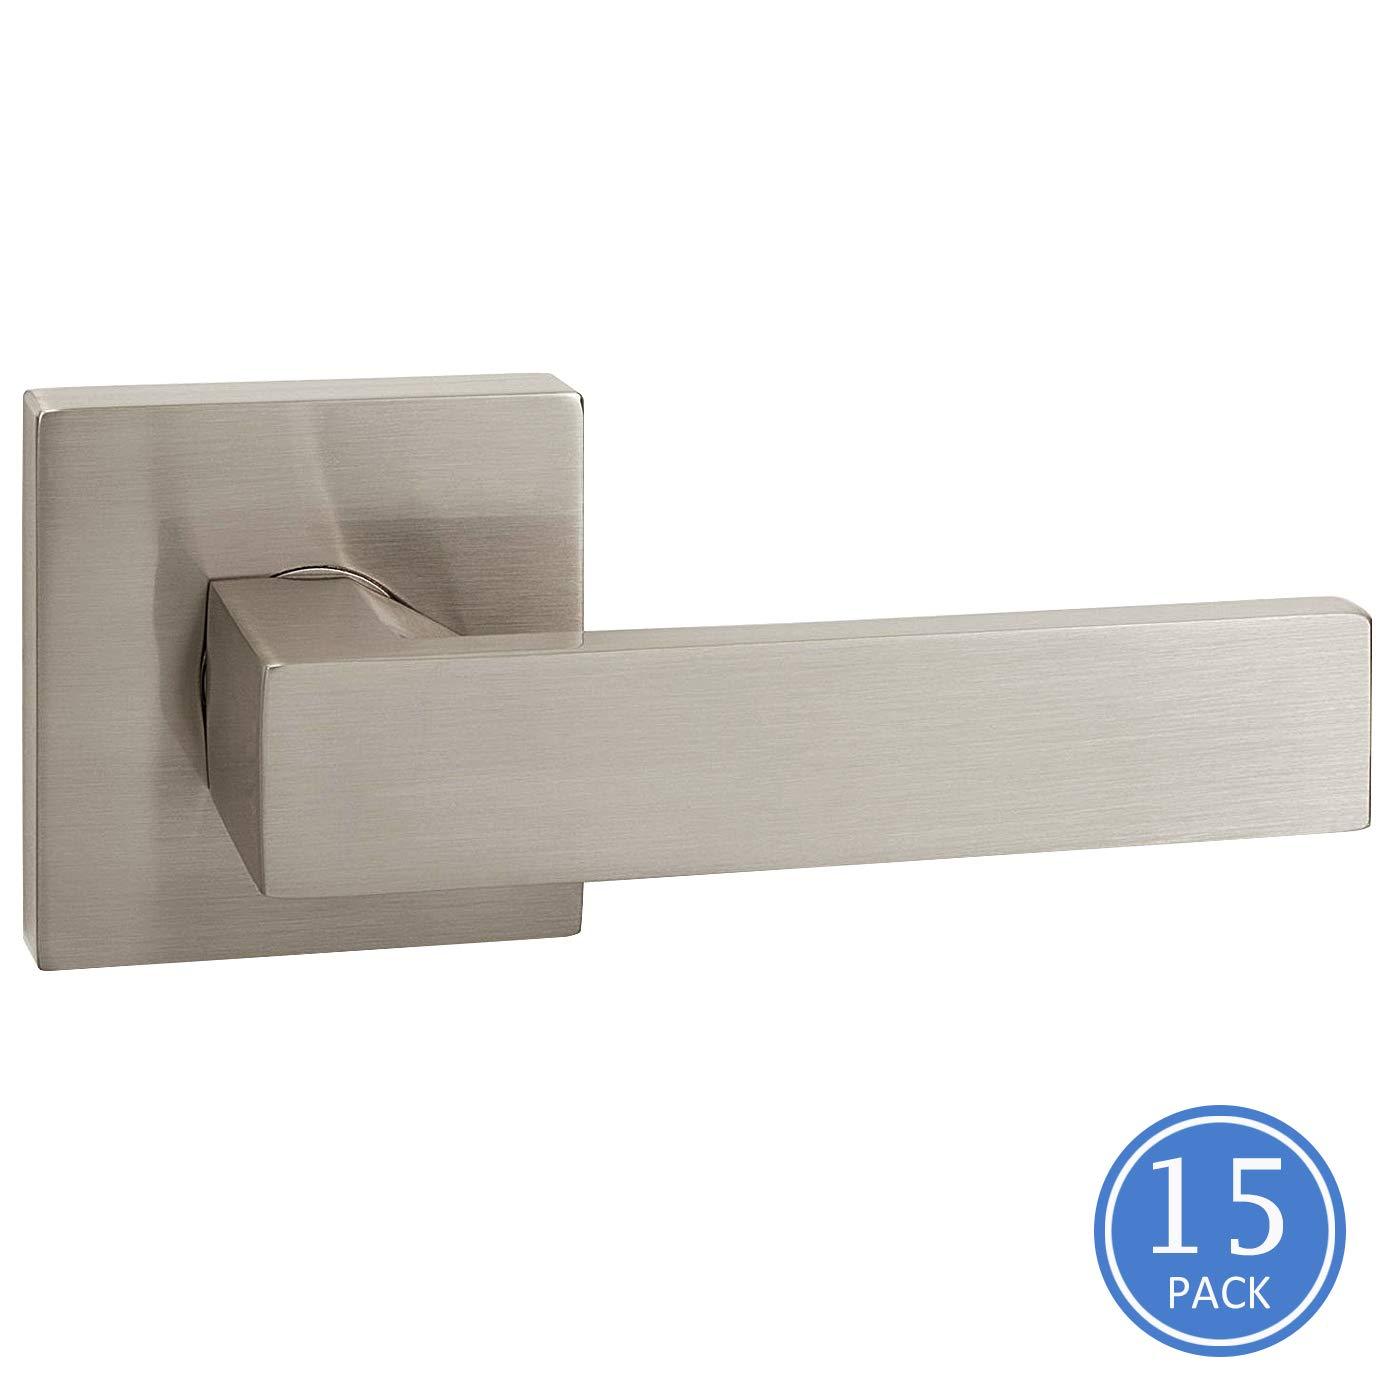 Bedroom Keyless Door Handles 1 Pack Bathroom Door Levers Brushed Nickel Door Handles Privacy Interior Door Levers